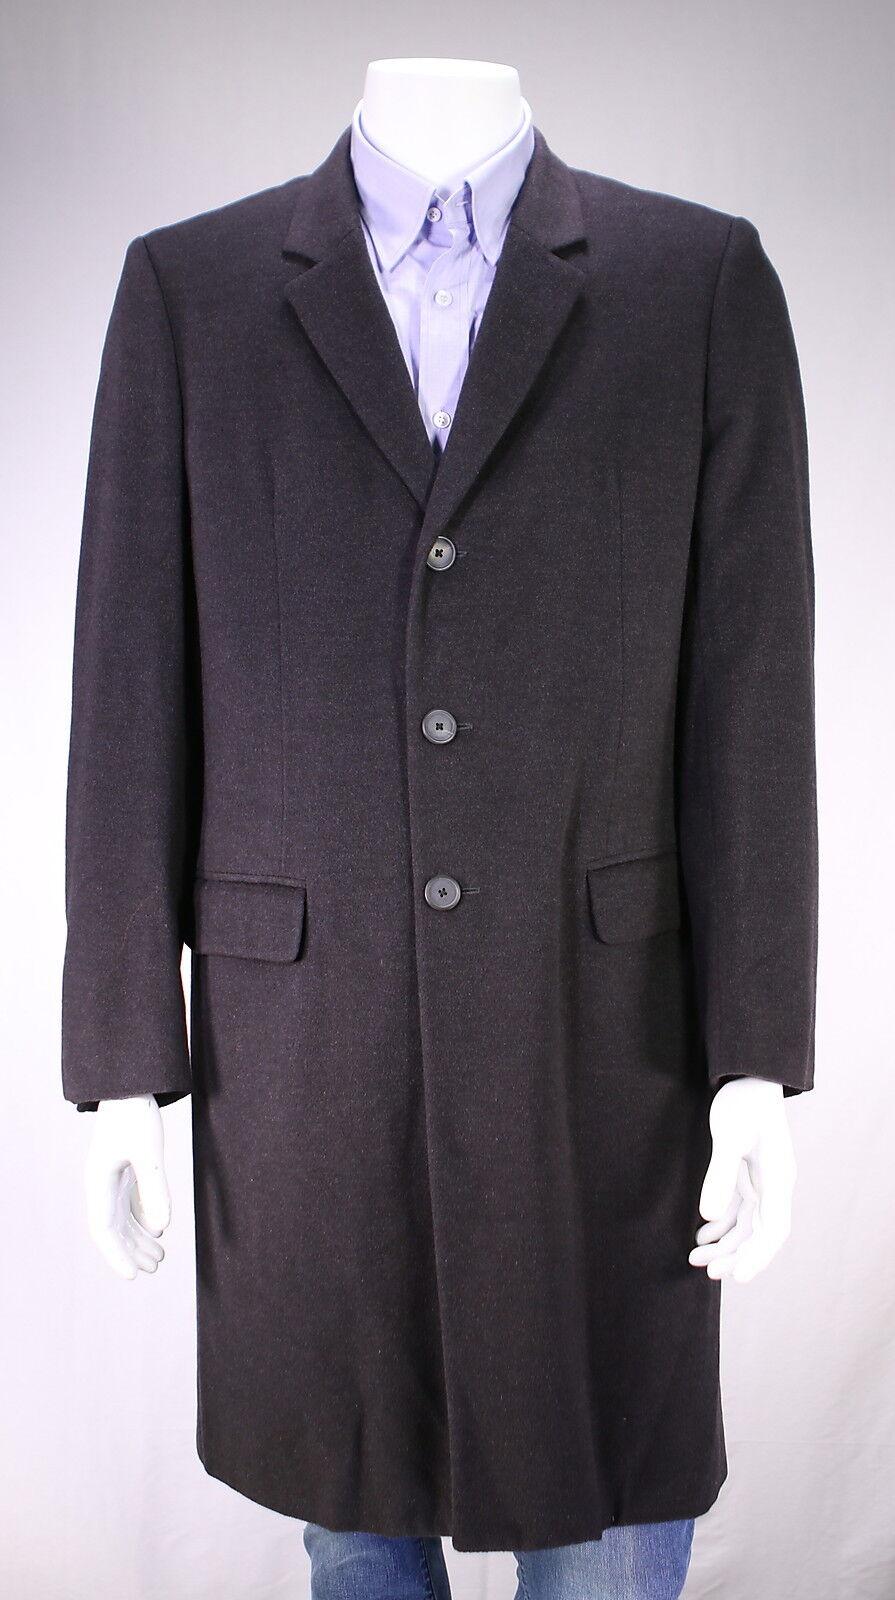 Jil Sander Tailor Made Einfarbig Grau 100% Kaschmir 3/4 Länge Spitzenmantel Us